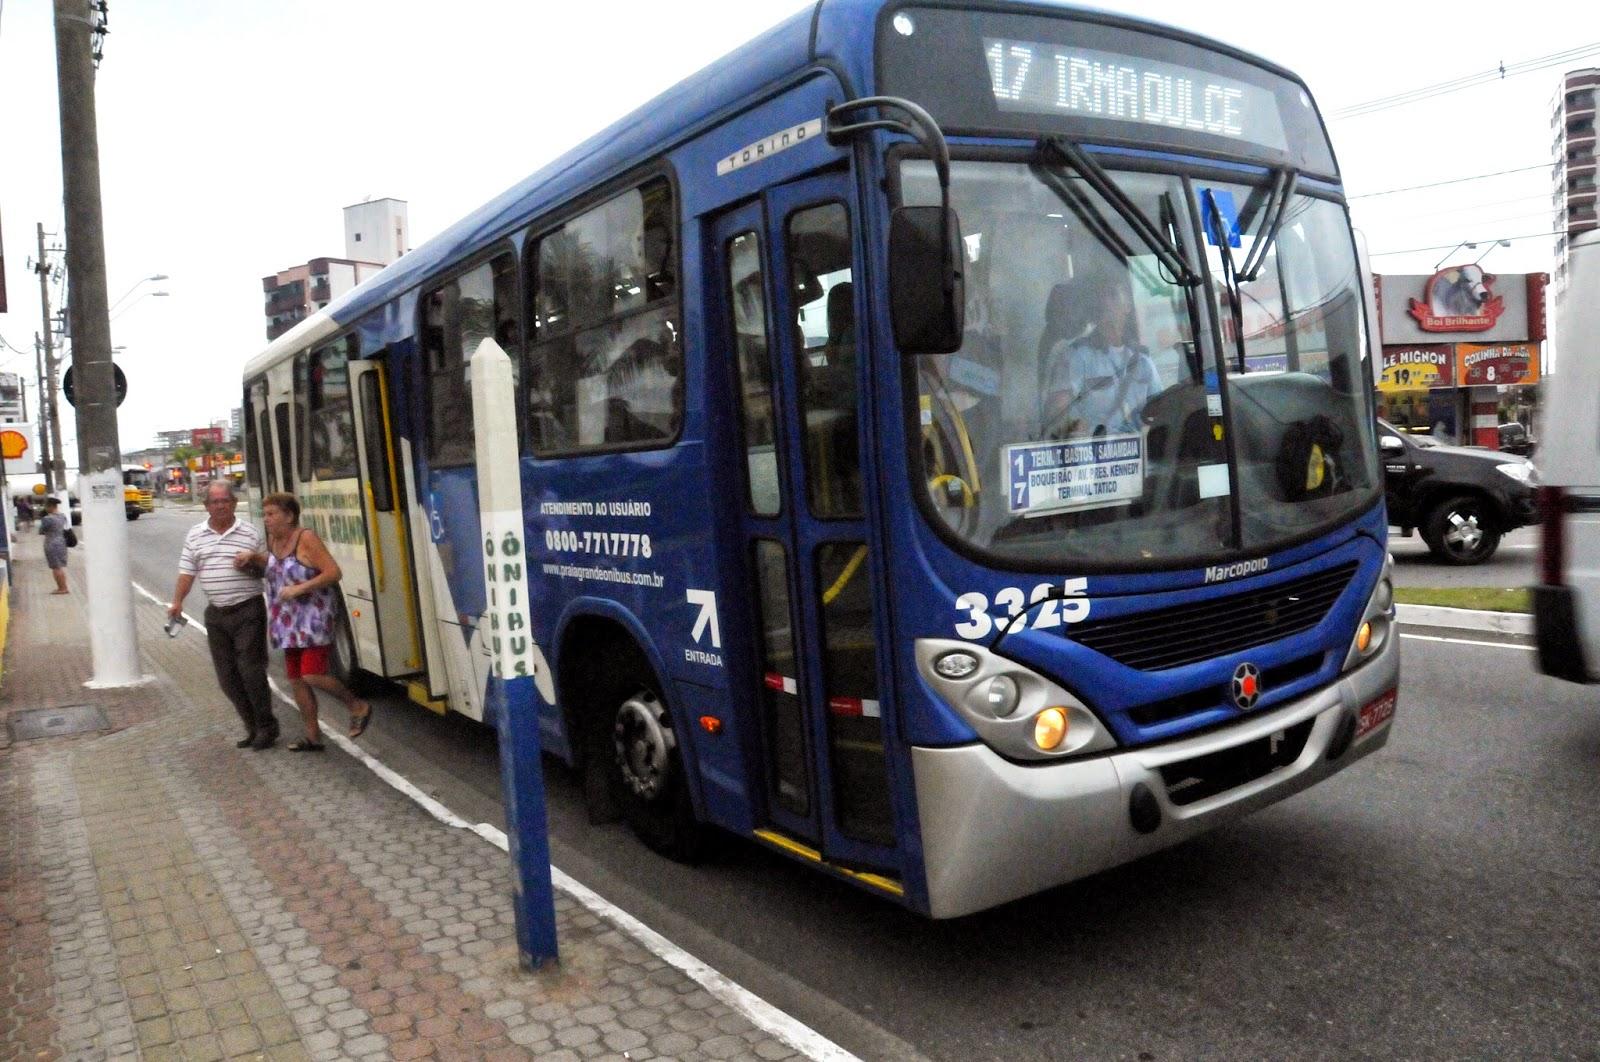 Câmara cria campanha contra abusos de mulheres no transporte coletivo